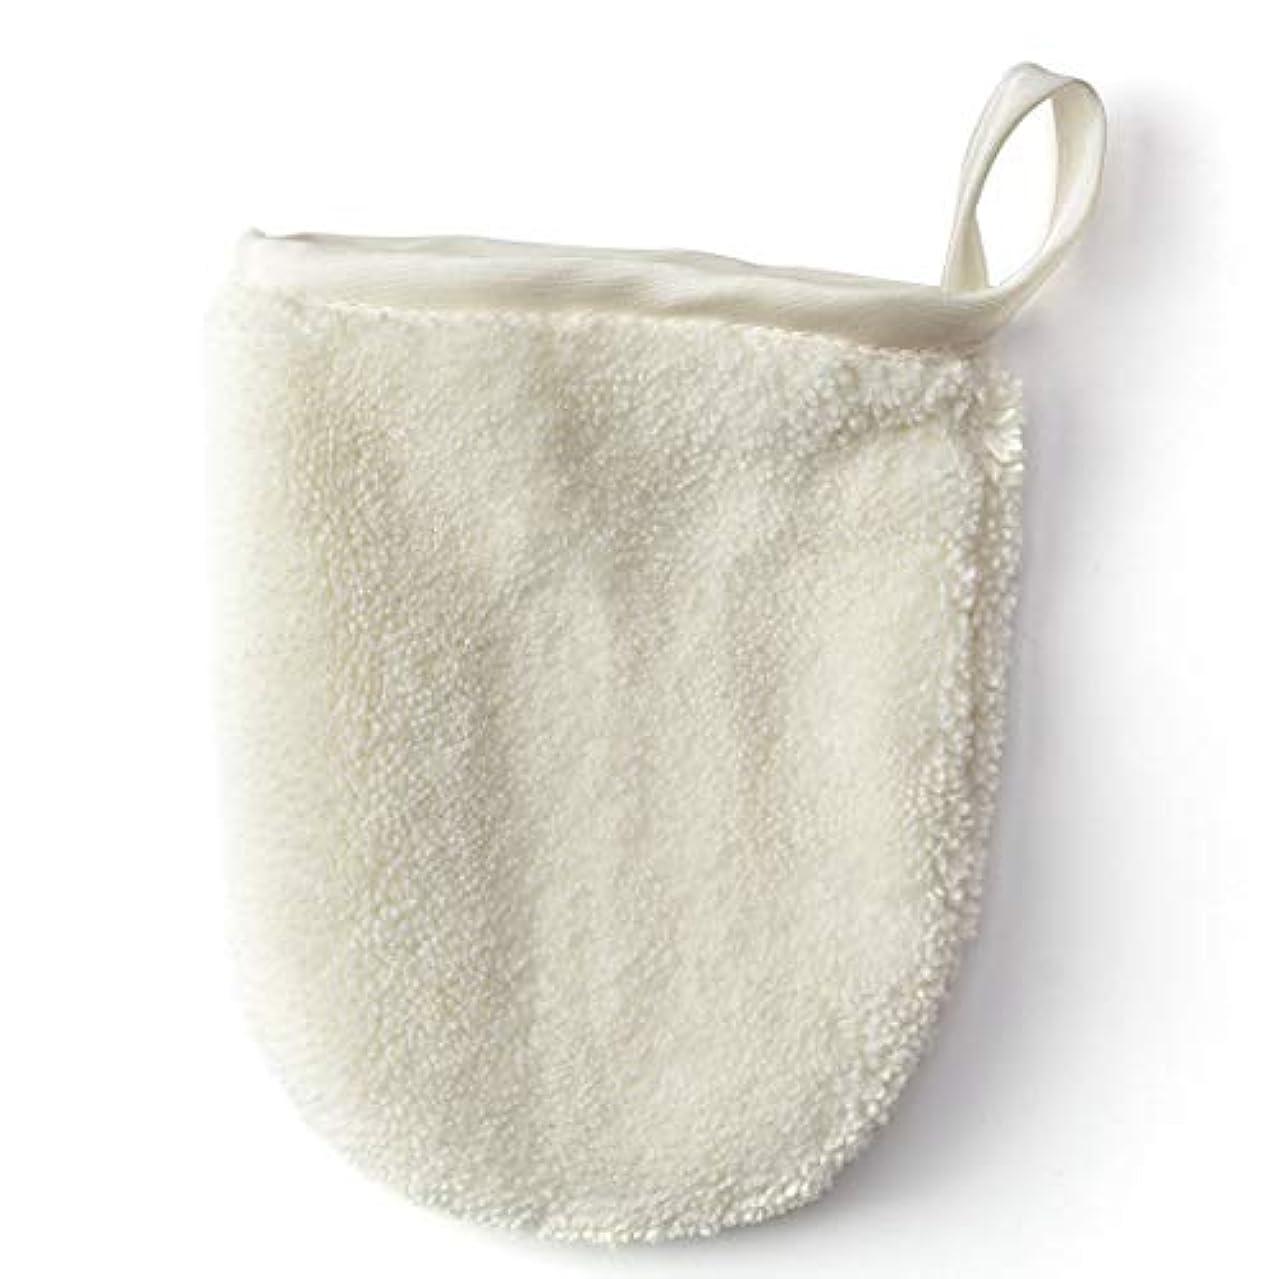 シビックあなたは事務所メイク落とし布マジックタオル、再使用可能な洗顔タオル - 化学薬品は、ただ水で化粧をすぐに取除きます(5PCS),White